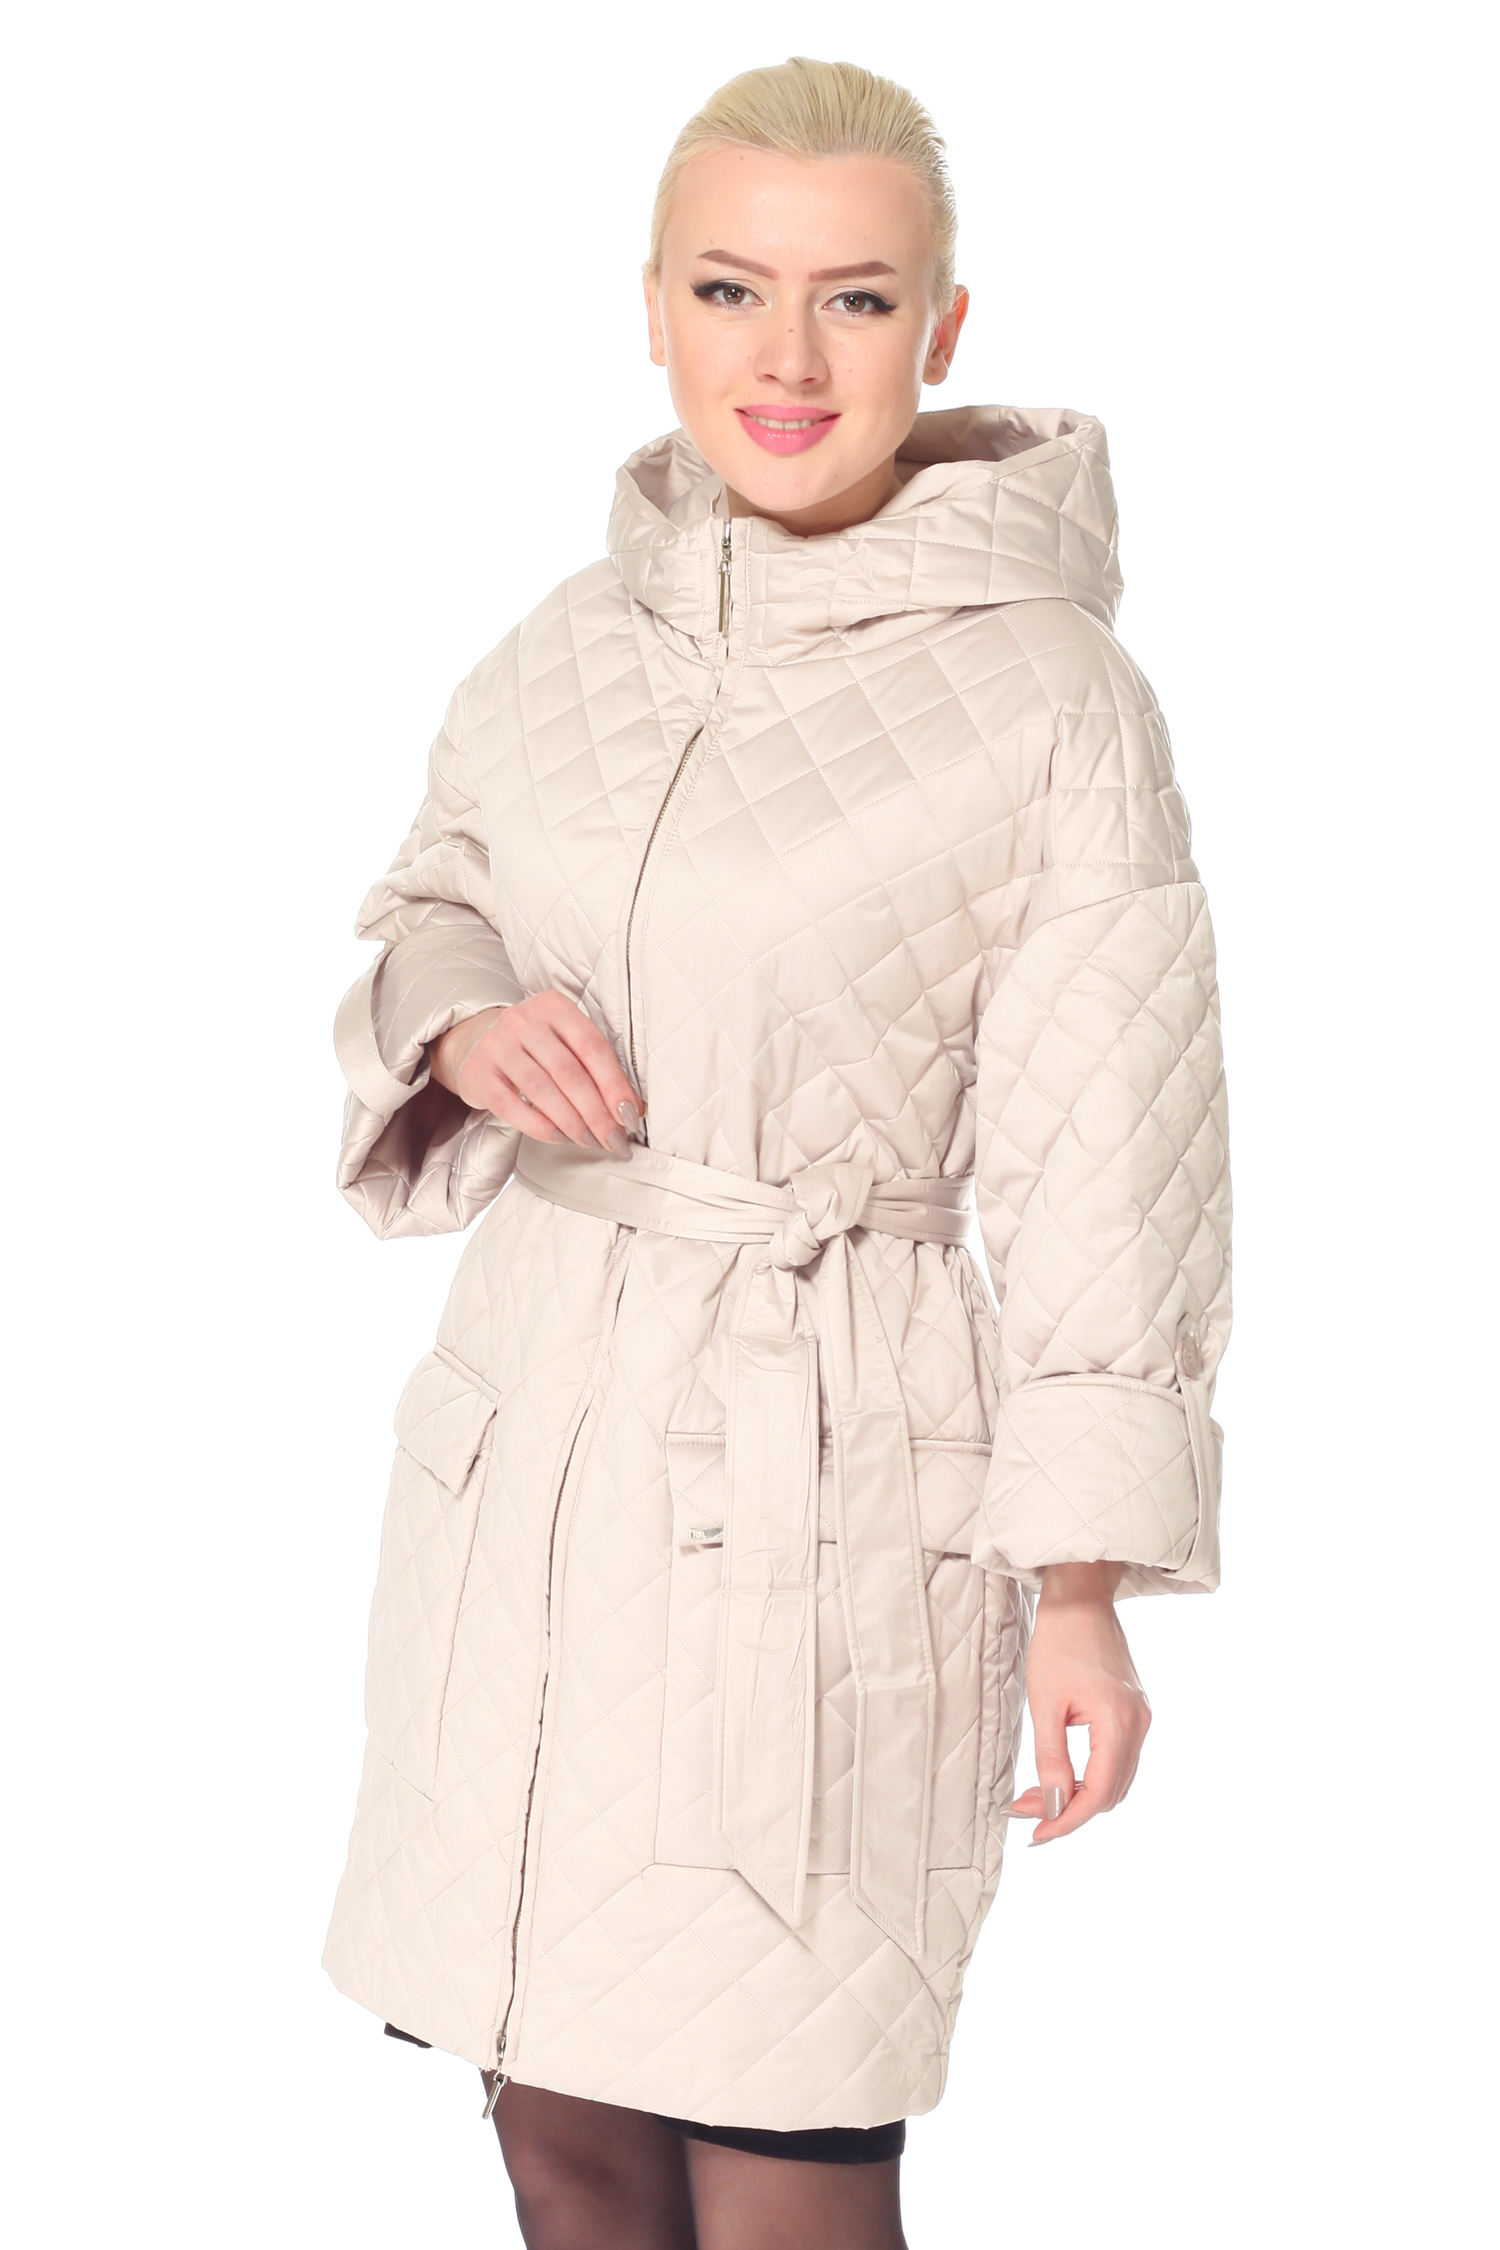 Женское пальто с капюшоном, без отделкиПальто от Московской меховой компании выполнено из текстиля бежевого цвета.<br><br>Модель прямого силуэта с застежкой на молнию.<br><br>Детали: несъемный капюшон; рукава кроя реглан, длина фиксируется пуговицей; боковые карманы с застежкой на кнопки; пояс в комплекте; подкладка из полиэстера.<br><br>Воротник: капюшон<br>Длина см: Длинная (свыше 90)<br>Материал: Текстиль<br>Цвет: бежевый<br>Вид застежки: центральная<br>Застежка: на молнии<br>Пол: Женский<br>Размер RU: 54